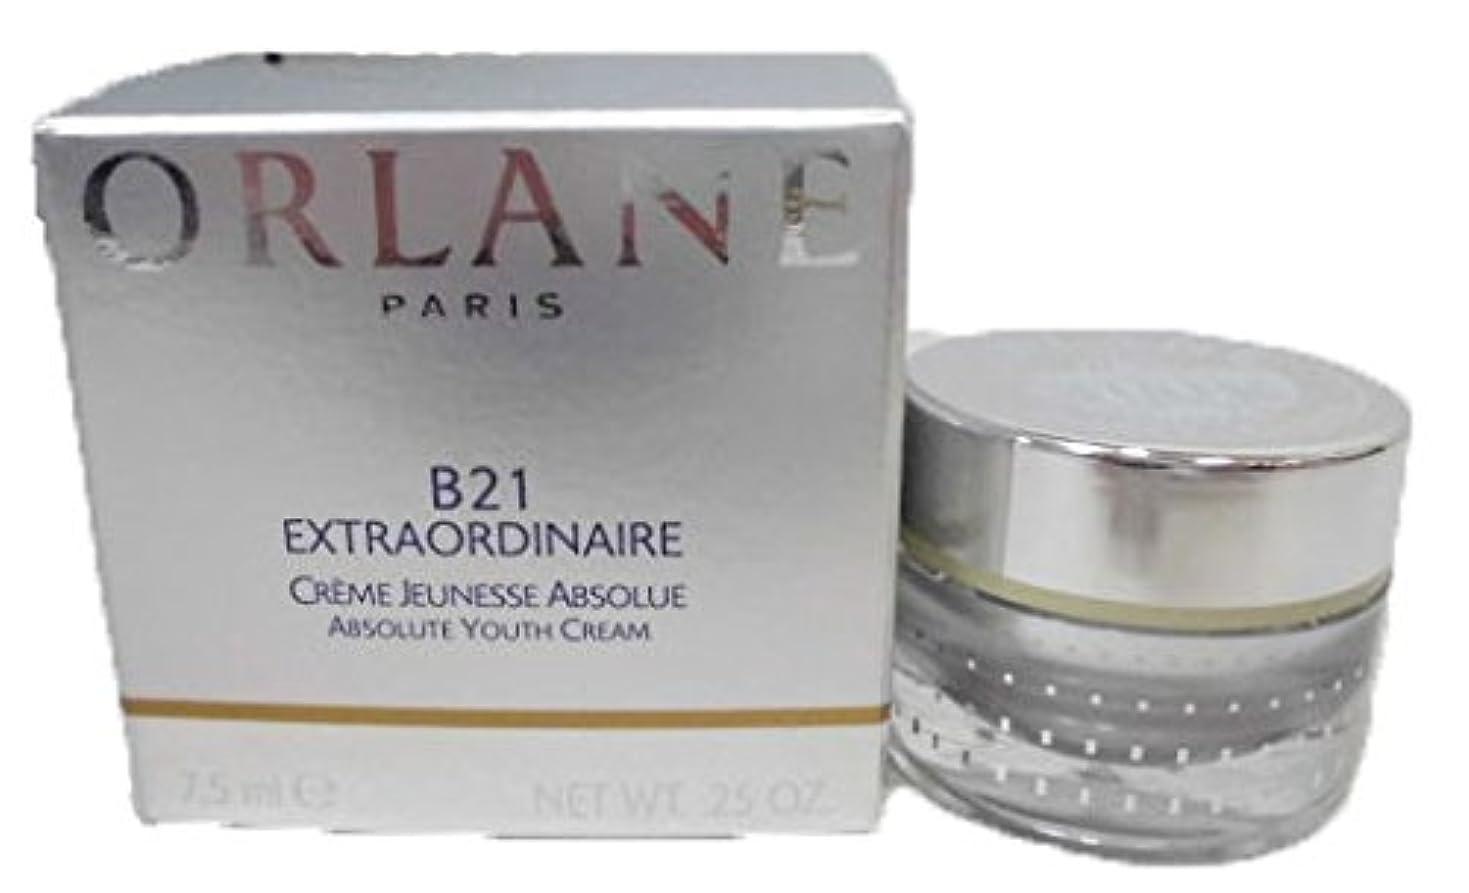 ジャングル毒性マンハッタンオルラーヌ ORLANE B21 エクストラオーディネール クリーム 7.5mL ミニサイズ